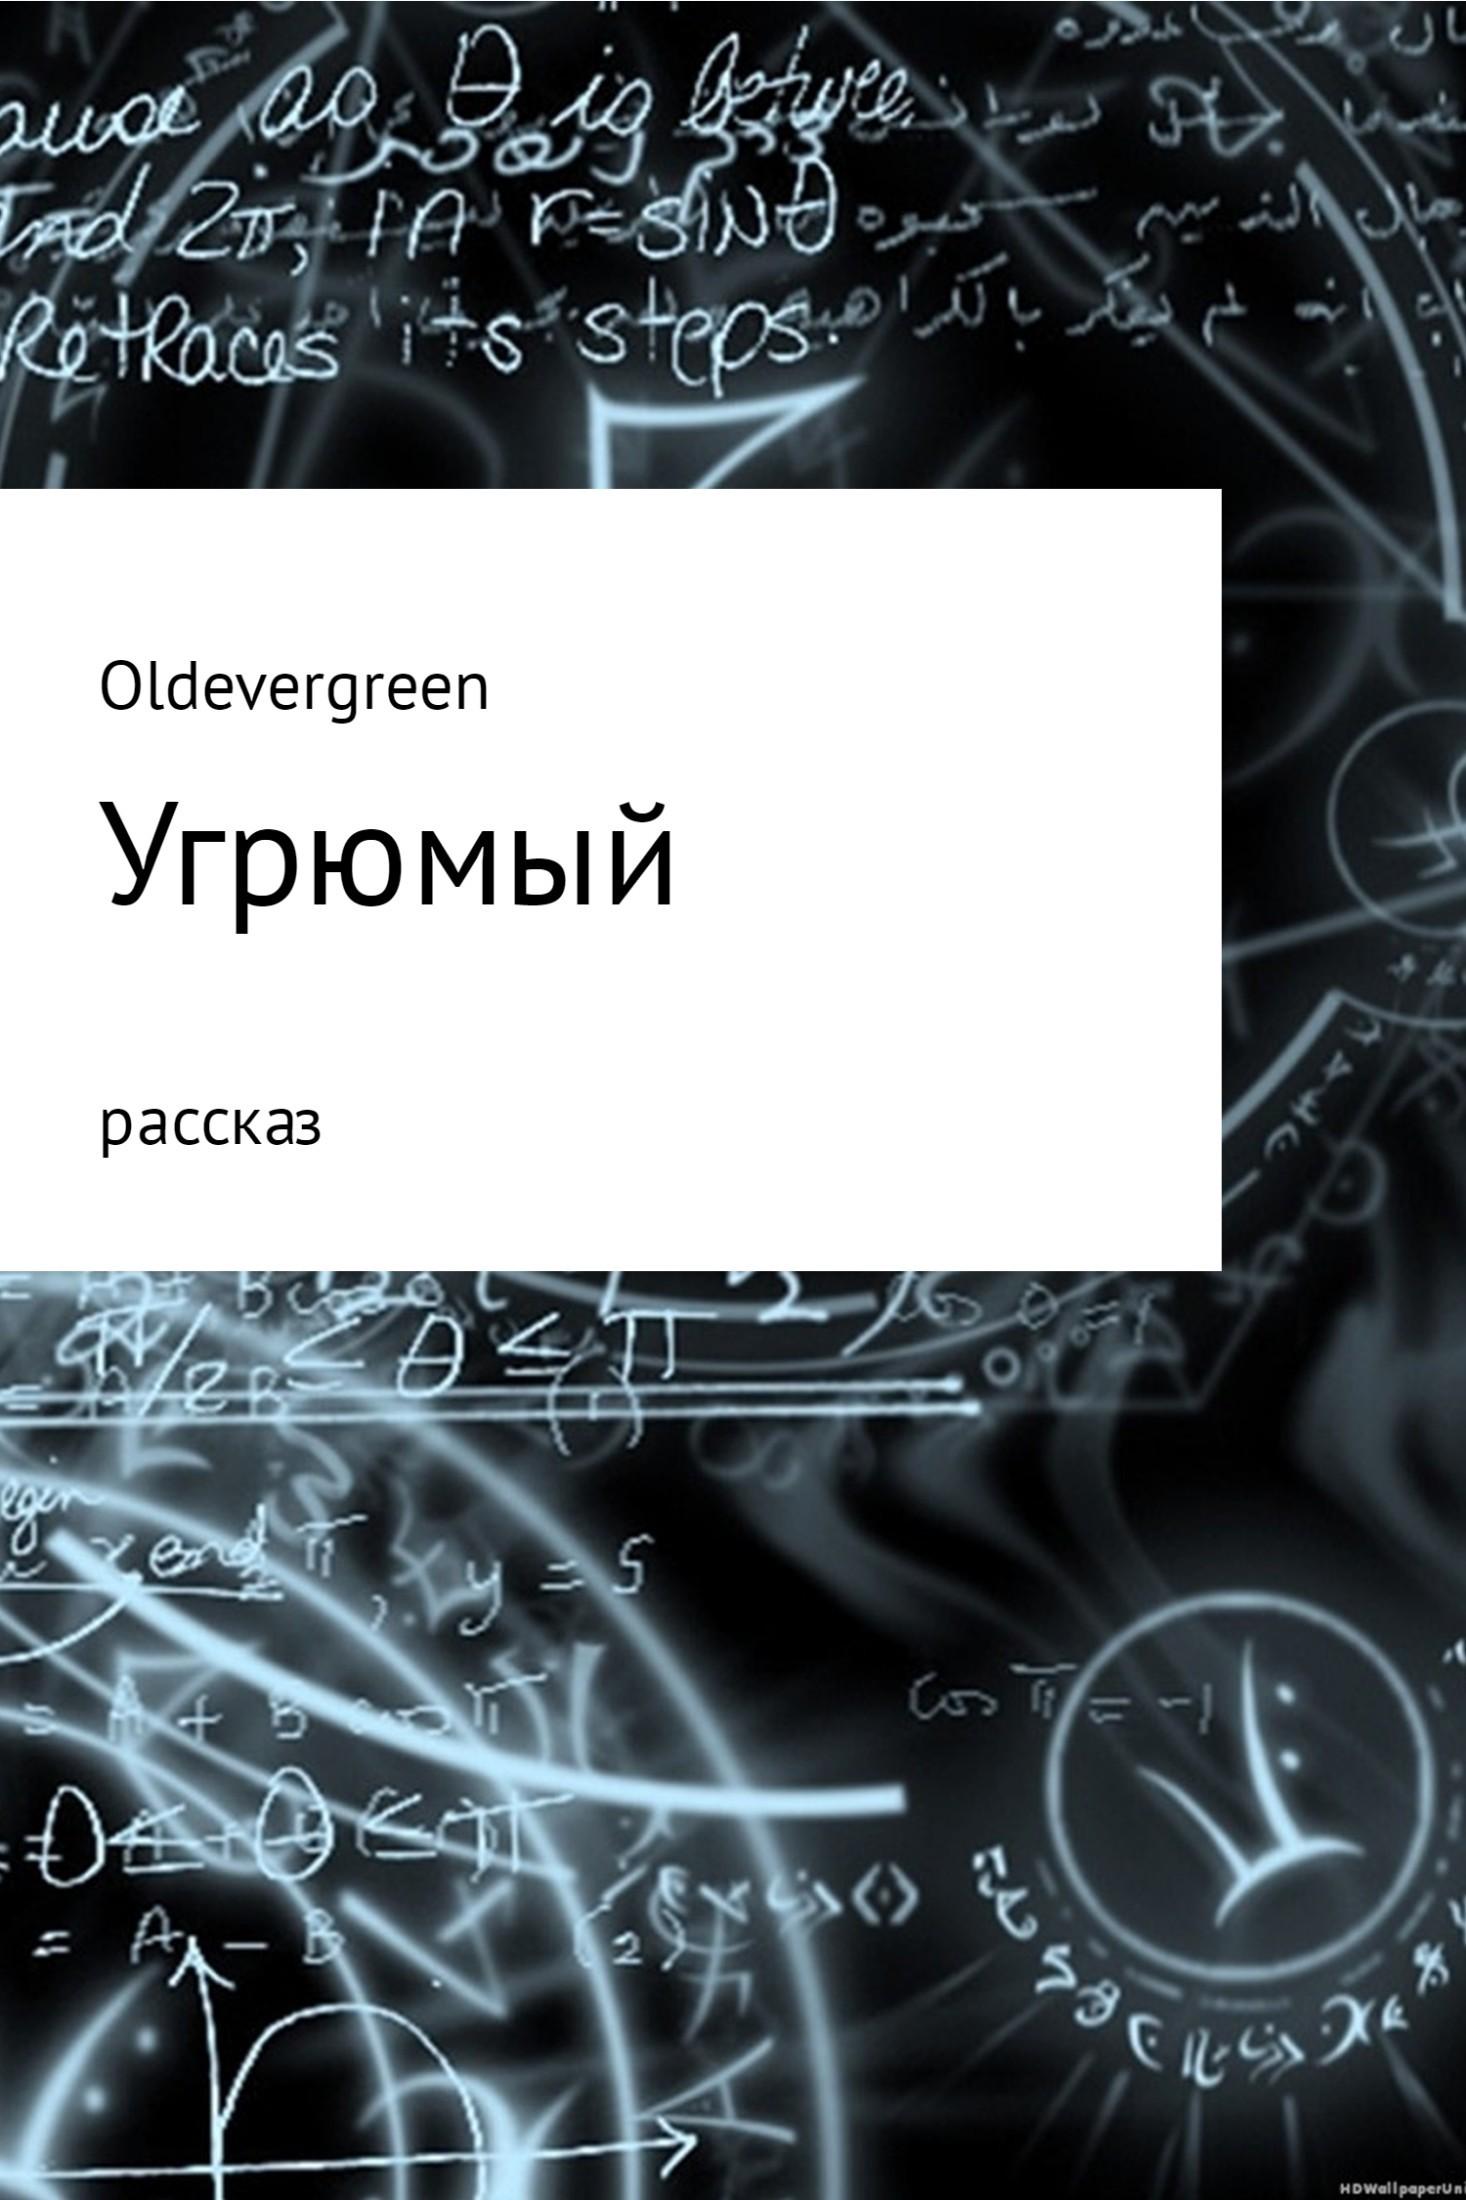 Жора Огарский (Oldevergreen) Угрюмый производственный и хозяйственный инвентарь что к нему относится